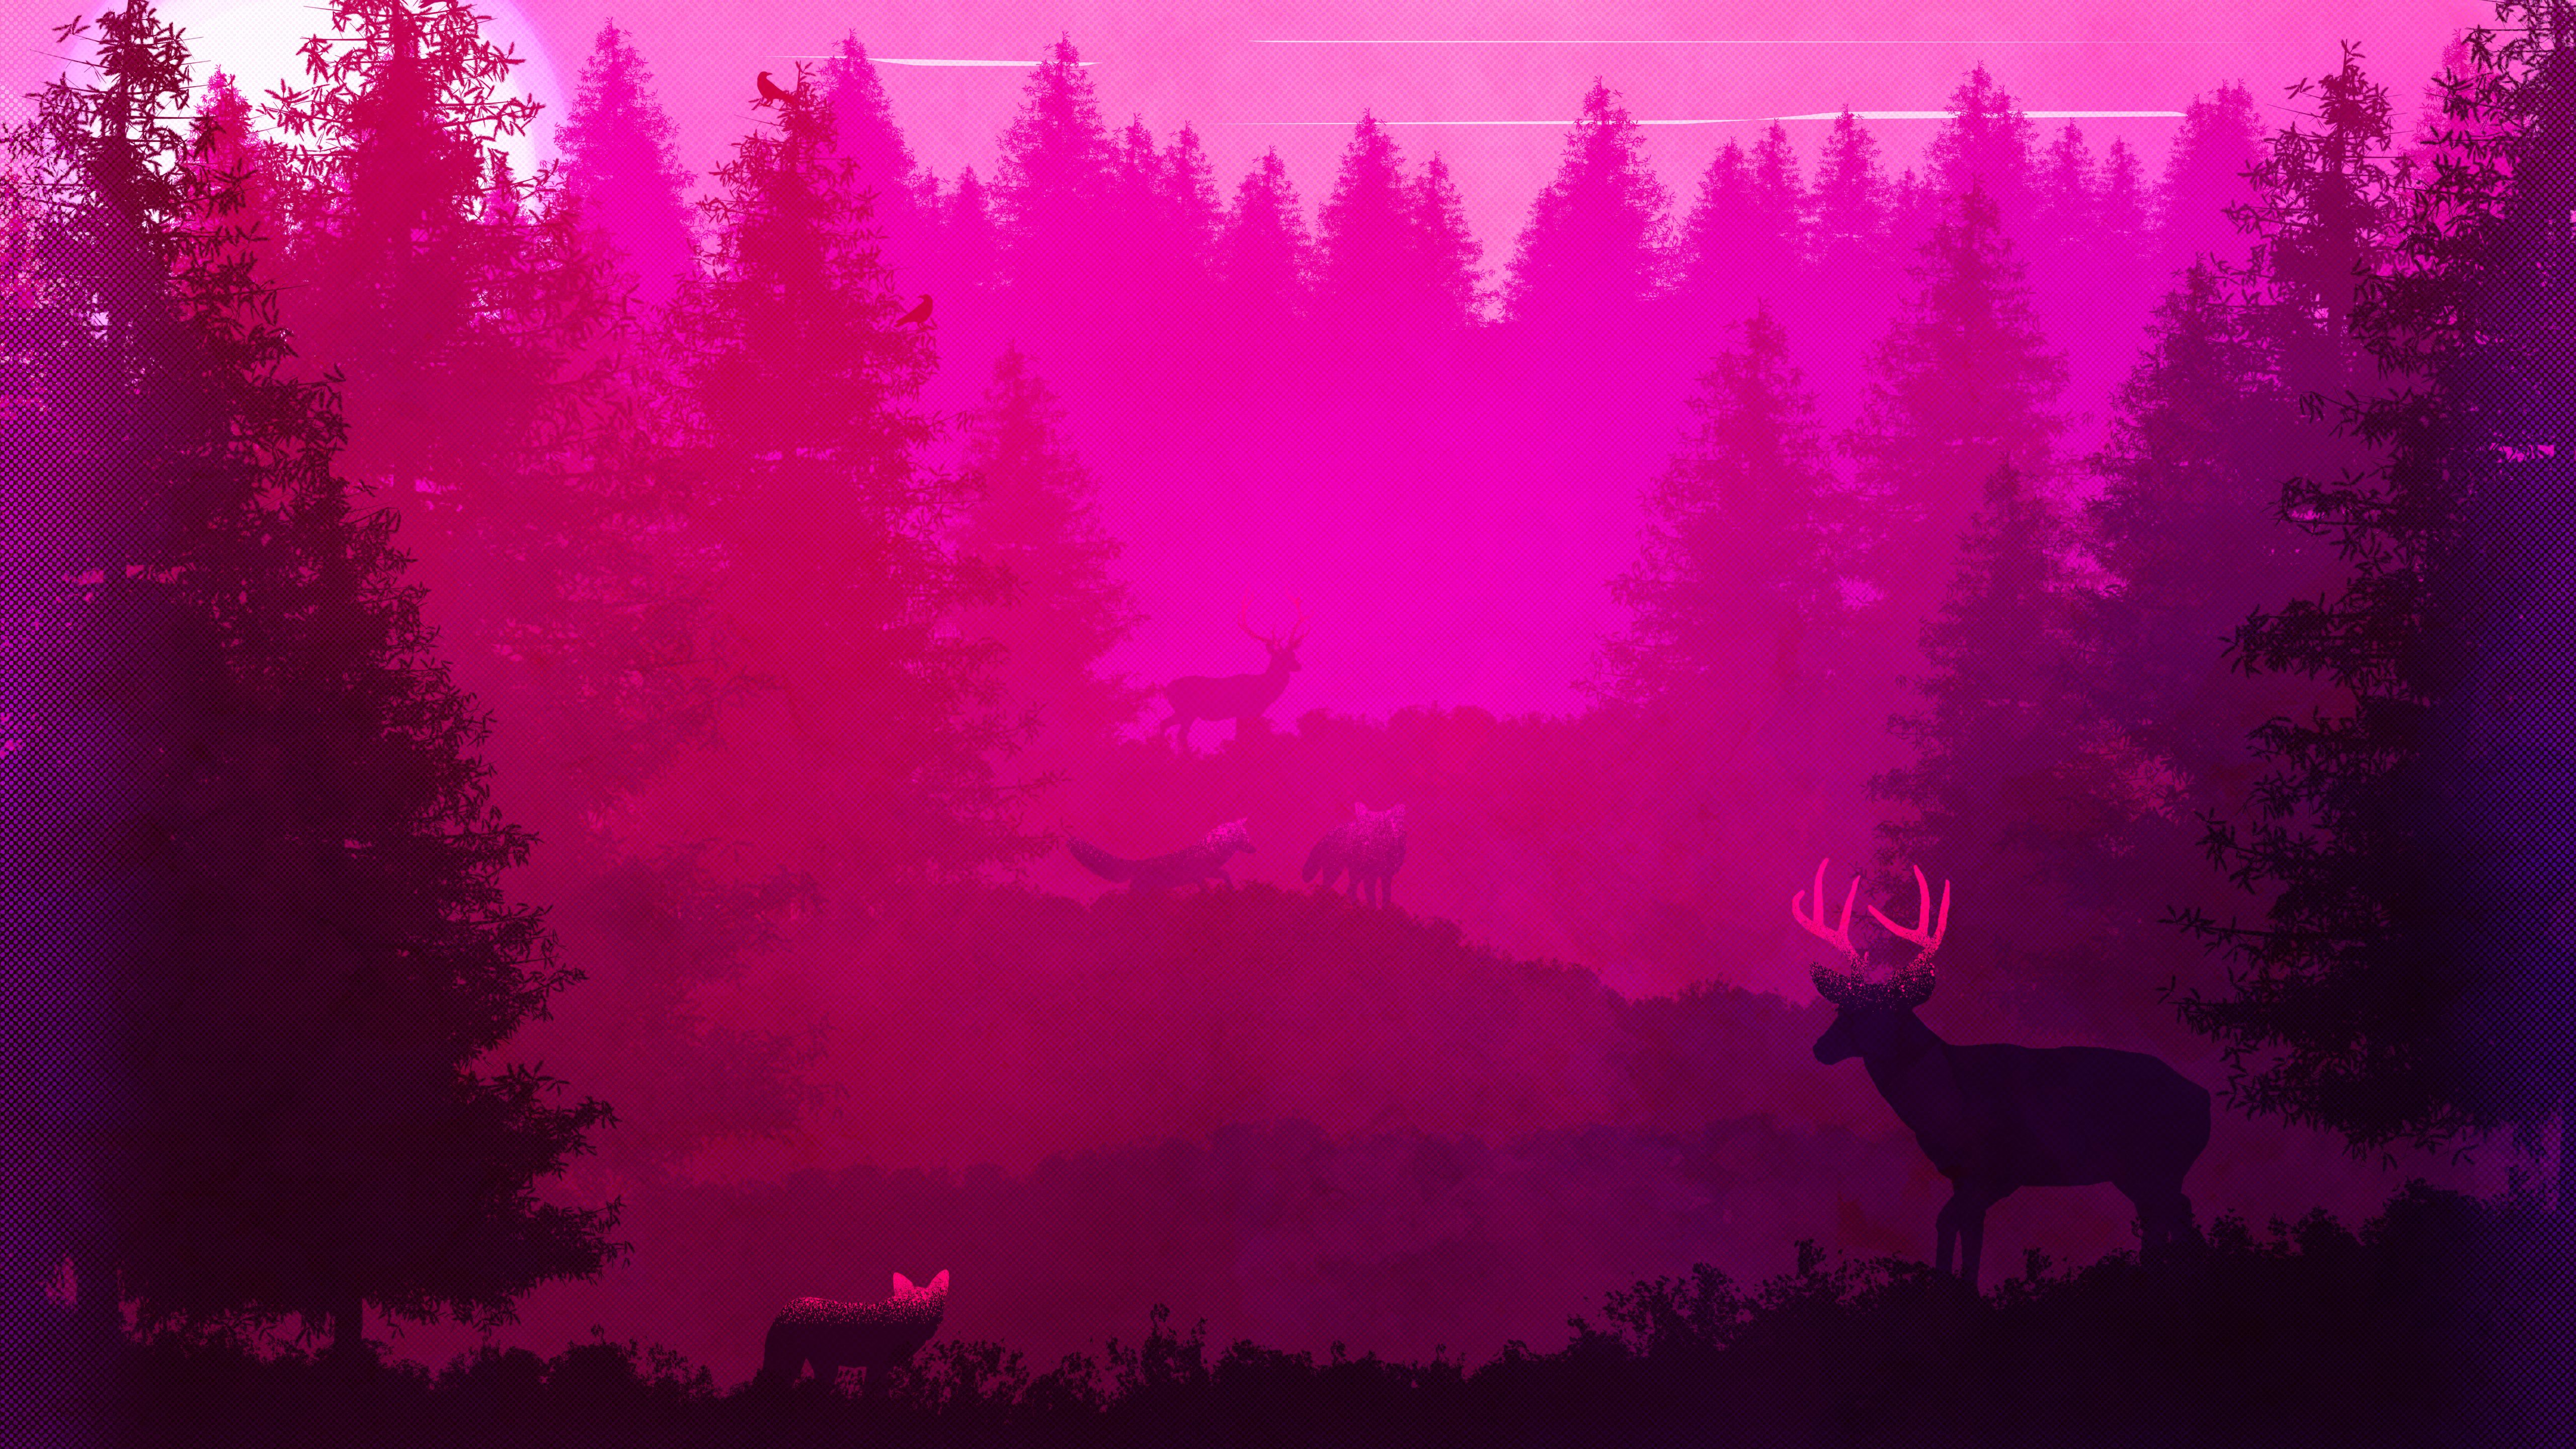 wild-animals-forest-pink-minimalism-5k-4y.jpg